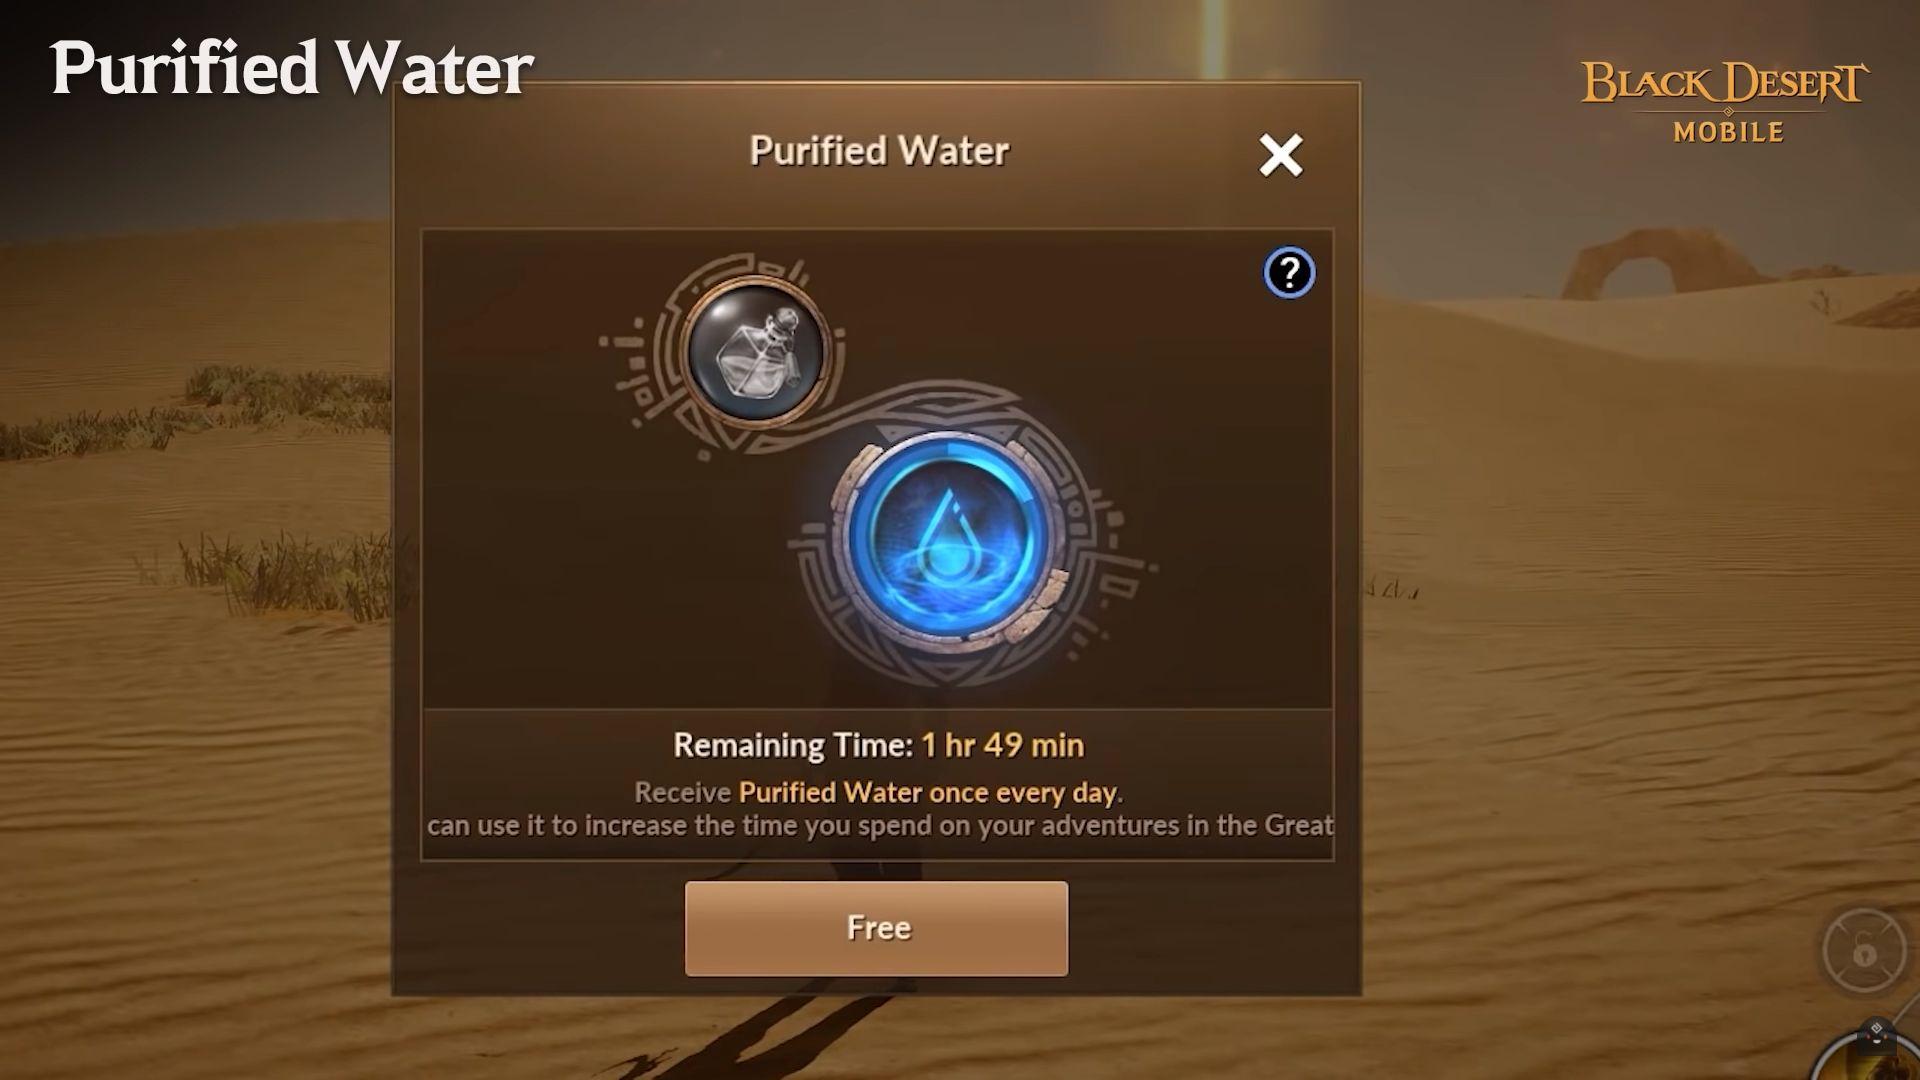 Black Desert Mobile – La Actualización del Gran Desierto le Permite a los Jugadores Explorar Una Gigantesca Área Nueva